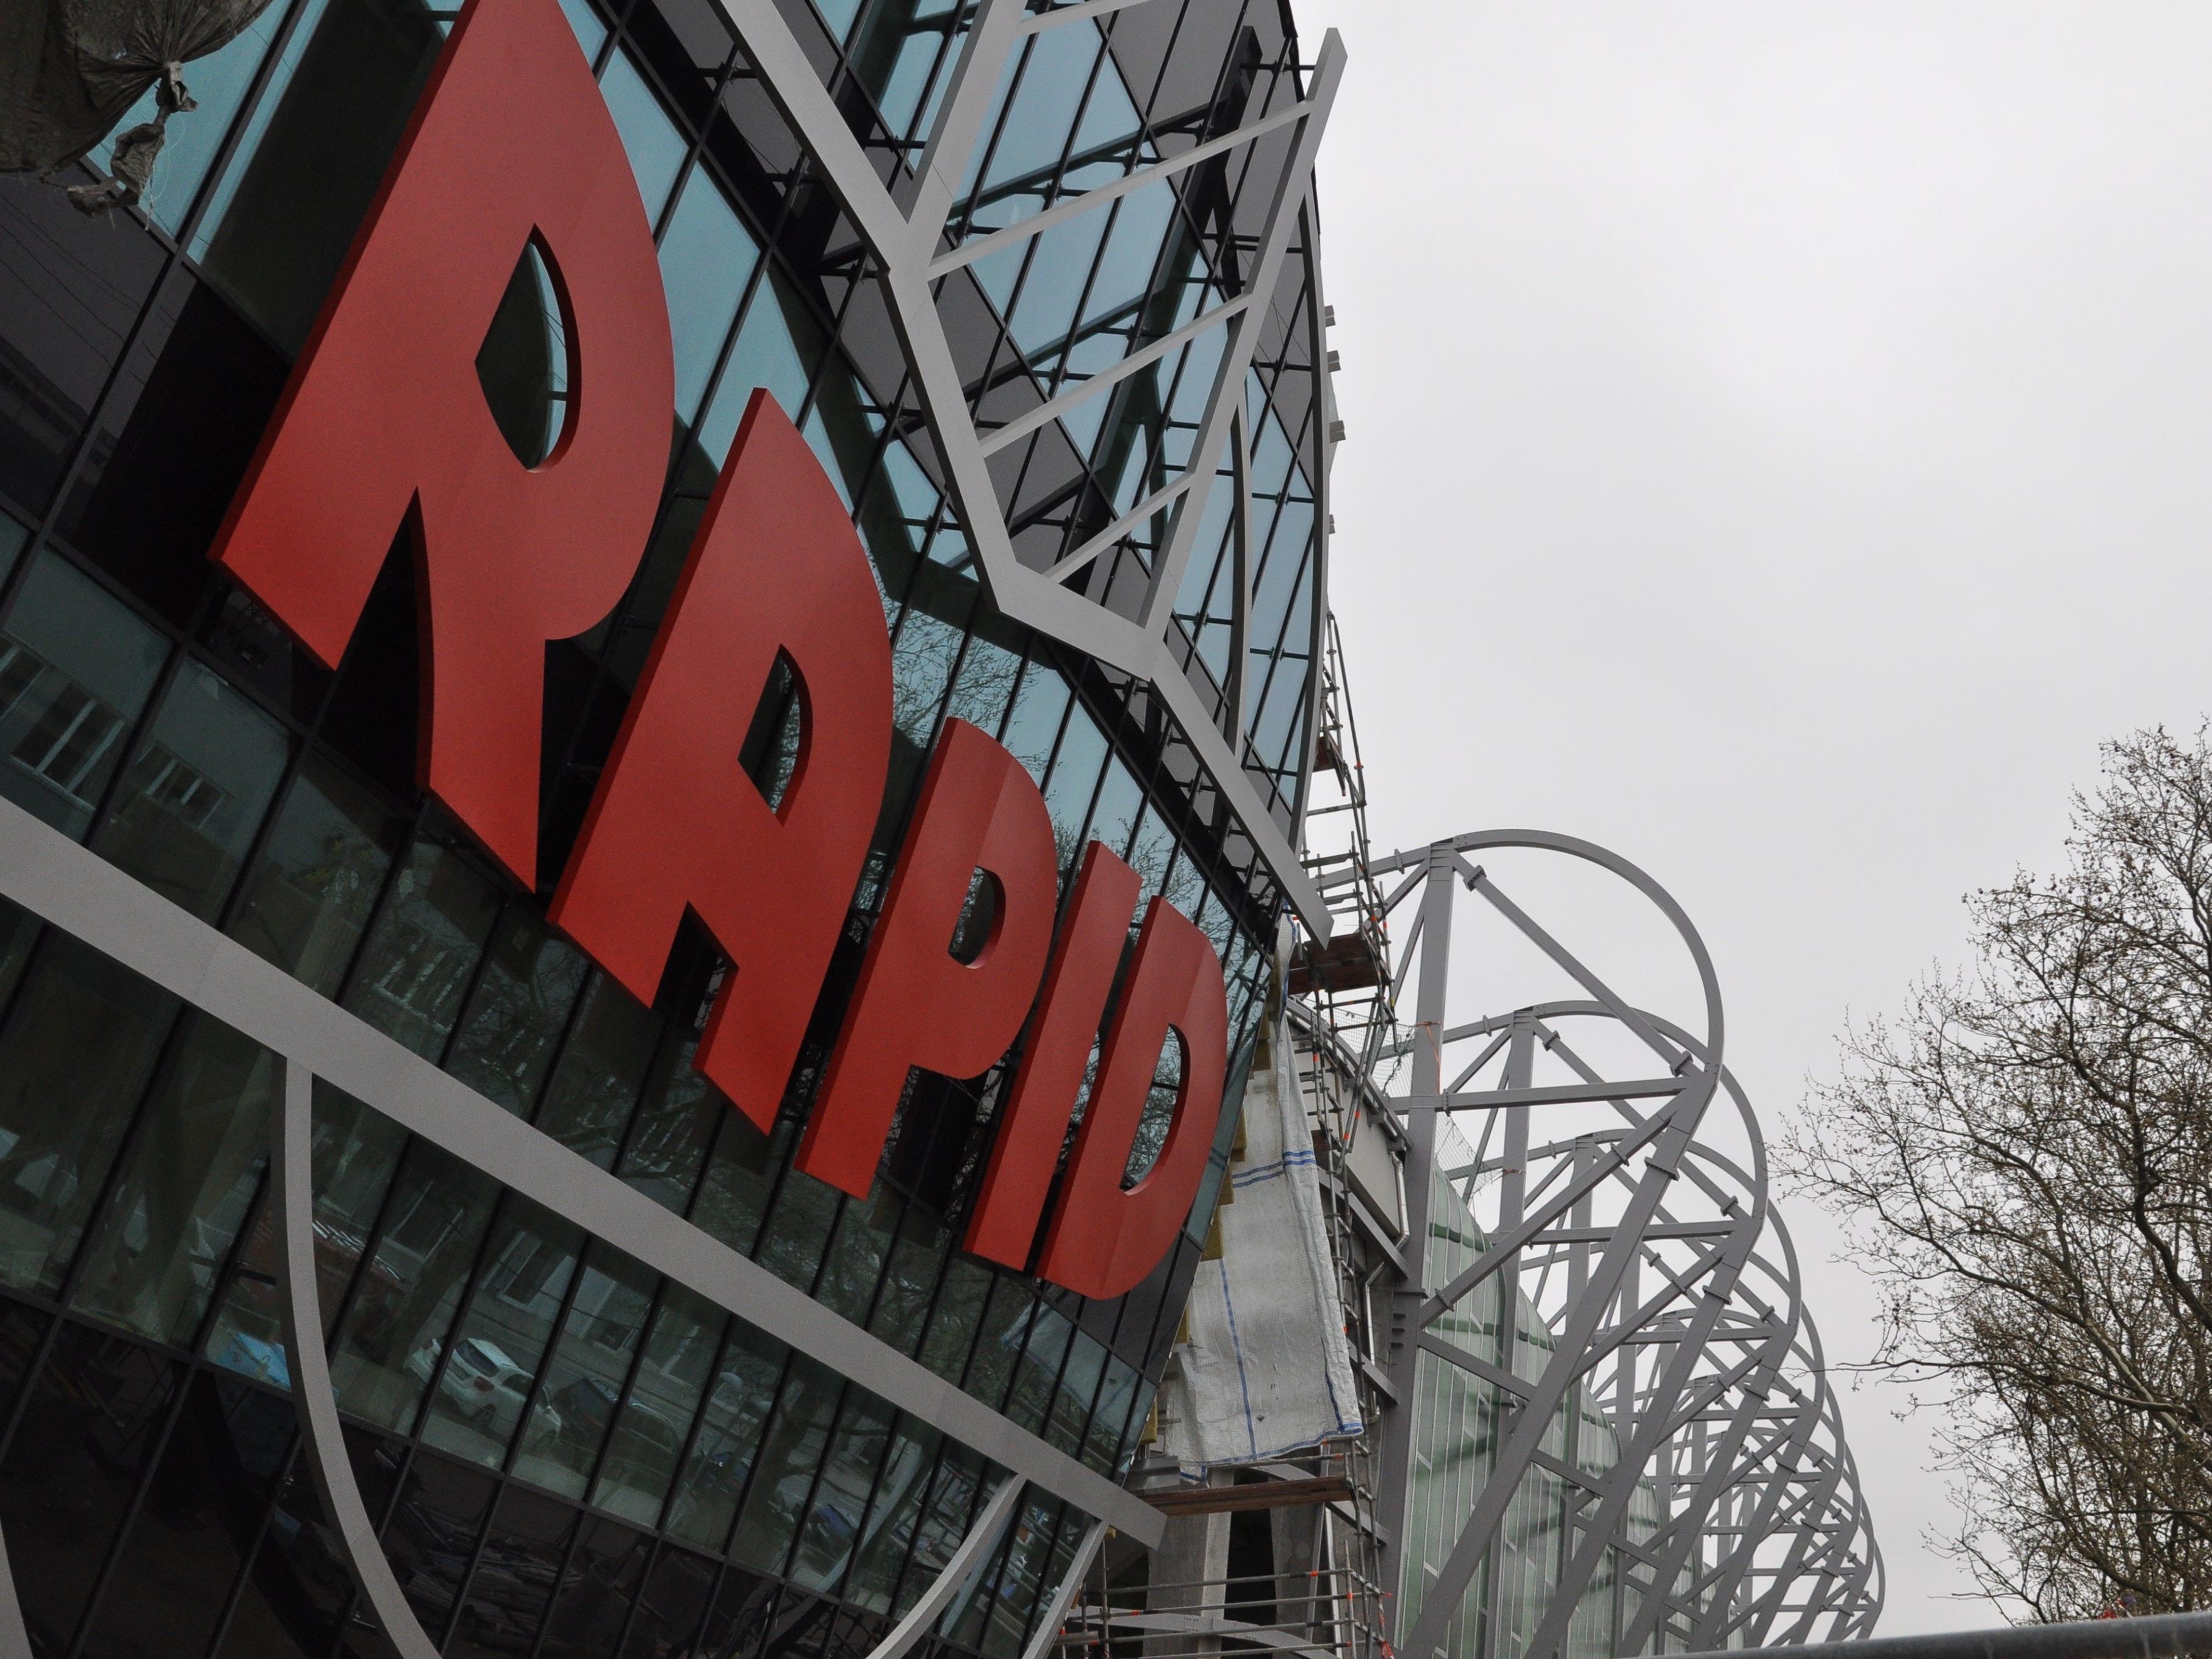 Am 30. Juni soll das Allianz Stadion offiziell an den SK Rapid übergeben werden.